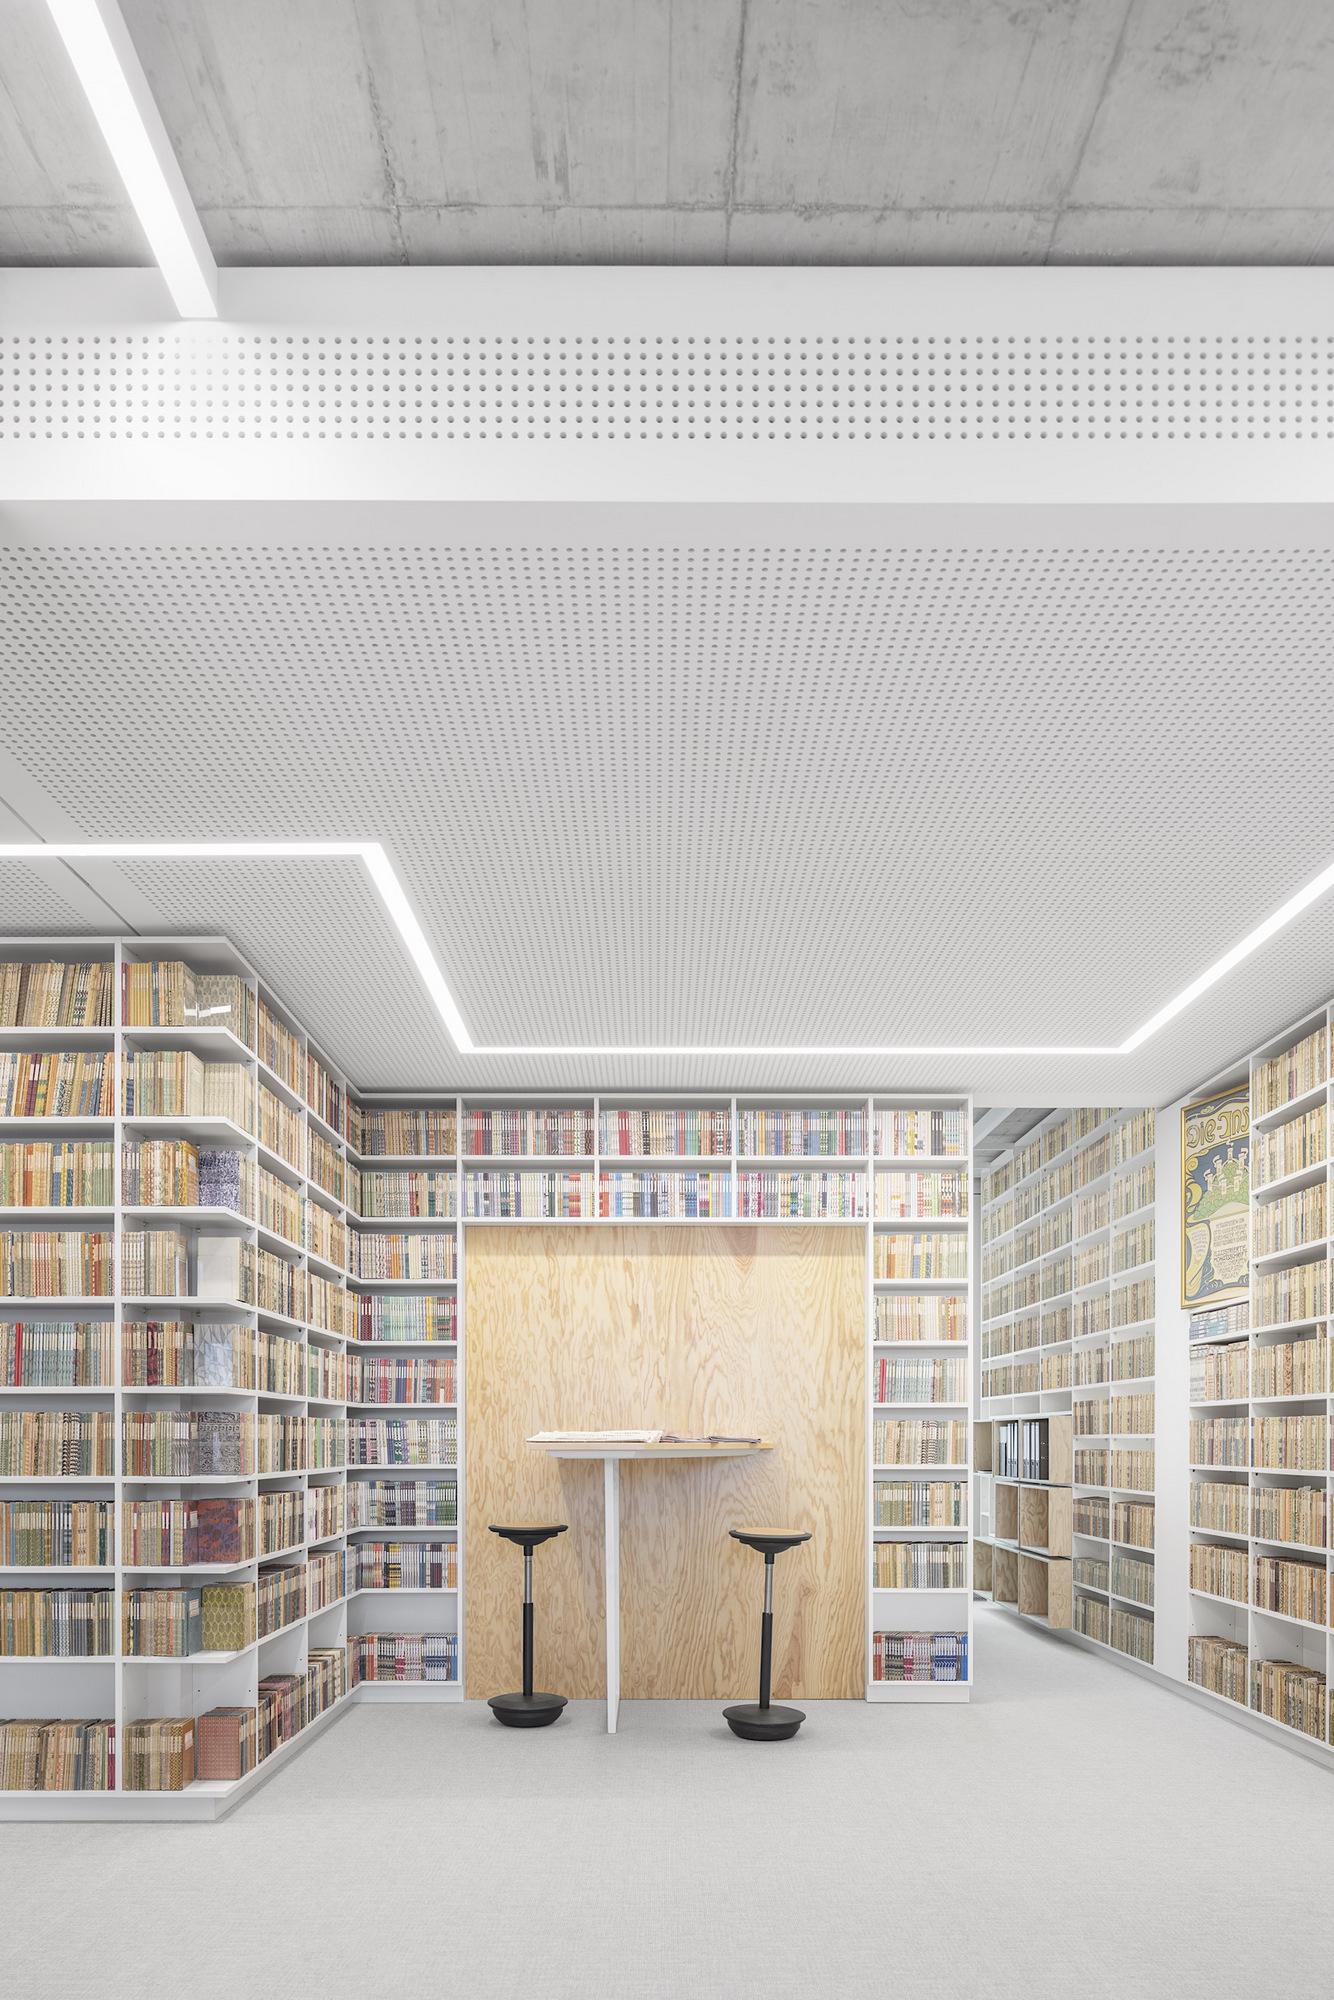 Suhrkamp Verlag Offices Berlin 21